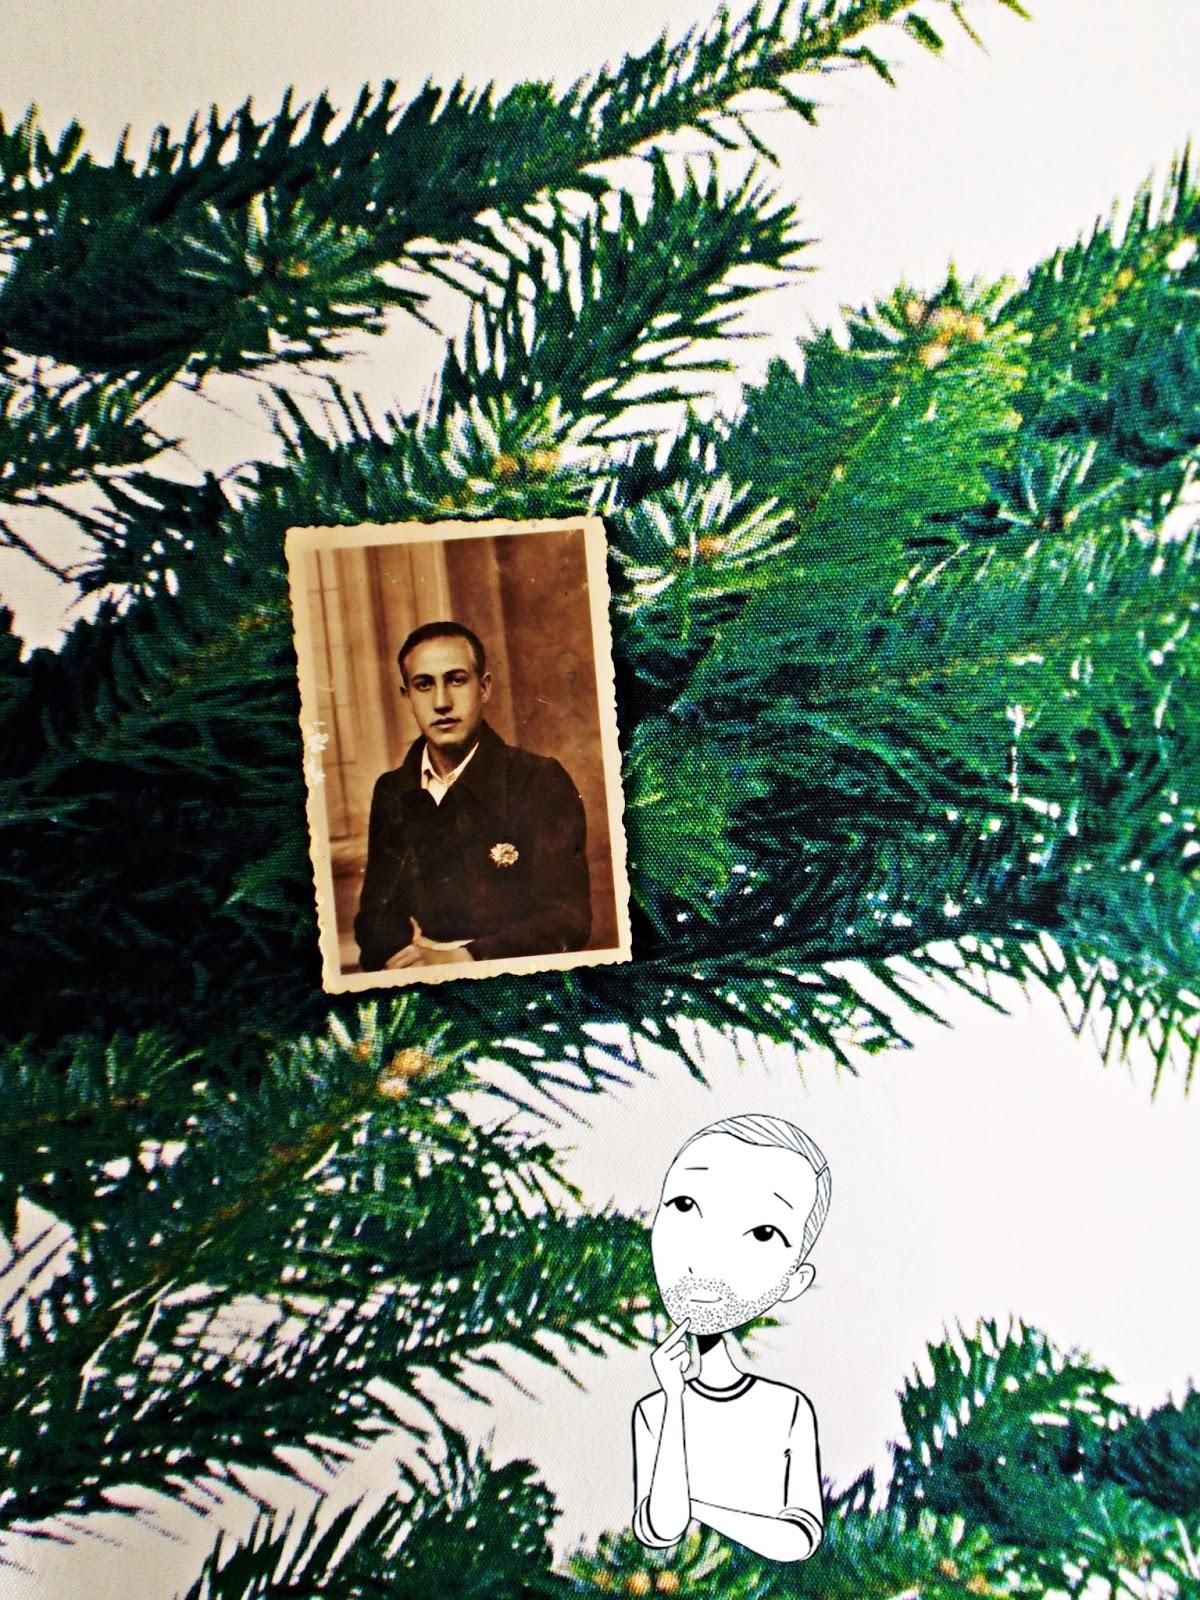 DIY-árbol navidad-textil-coser-costura-pasoapaso-recuerdos-vintage-fotografía-DIYviertete-blogersando-diciembre- (1)gif78